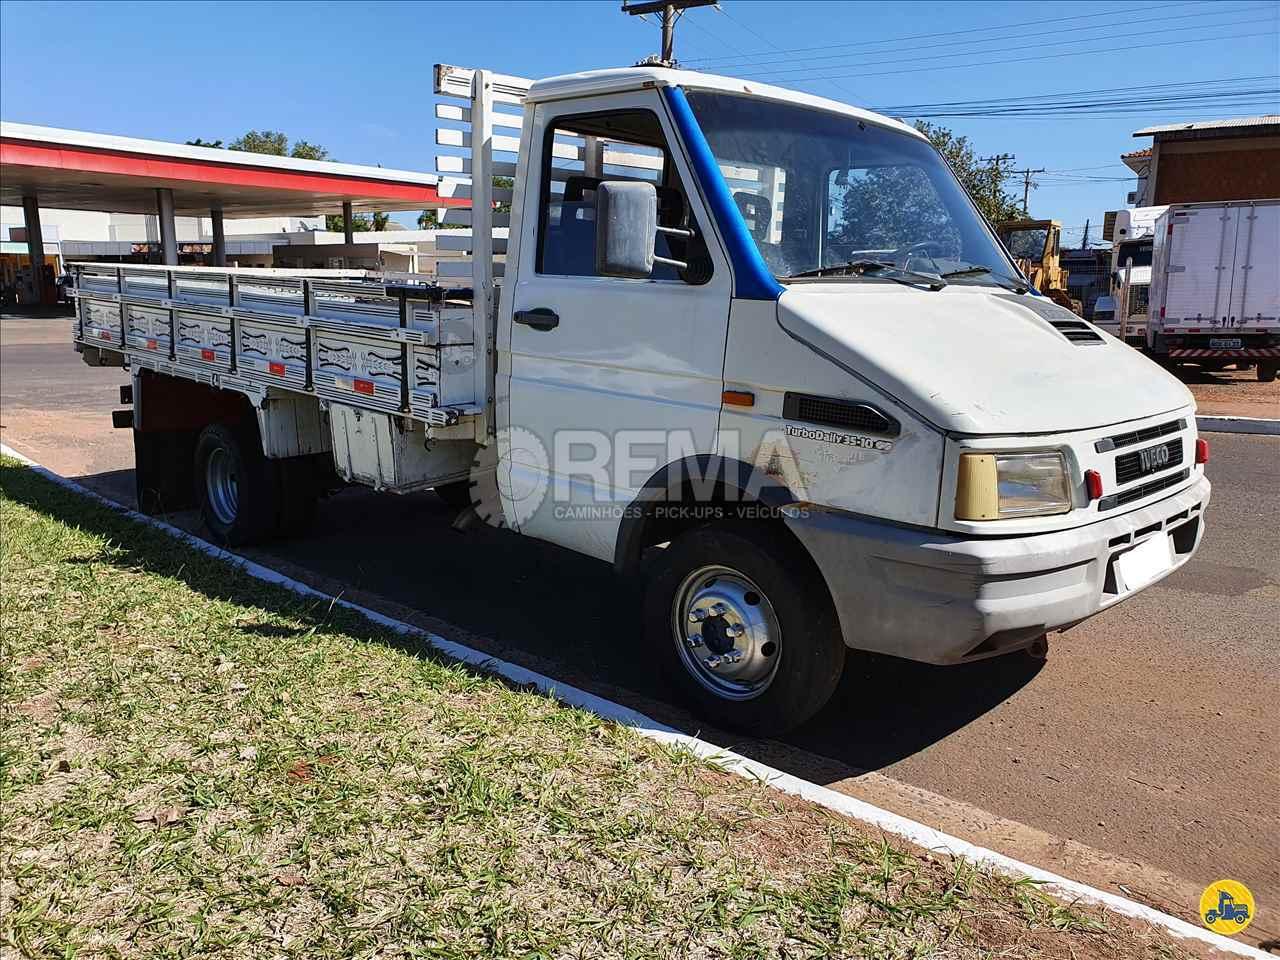 IVECO DAILY 35-10  2000/2000 Rema Caminhões - MS